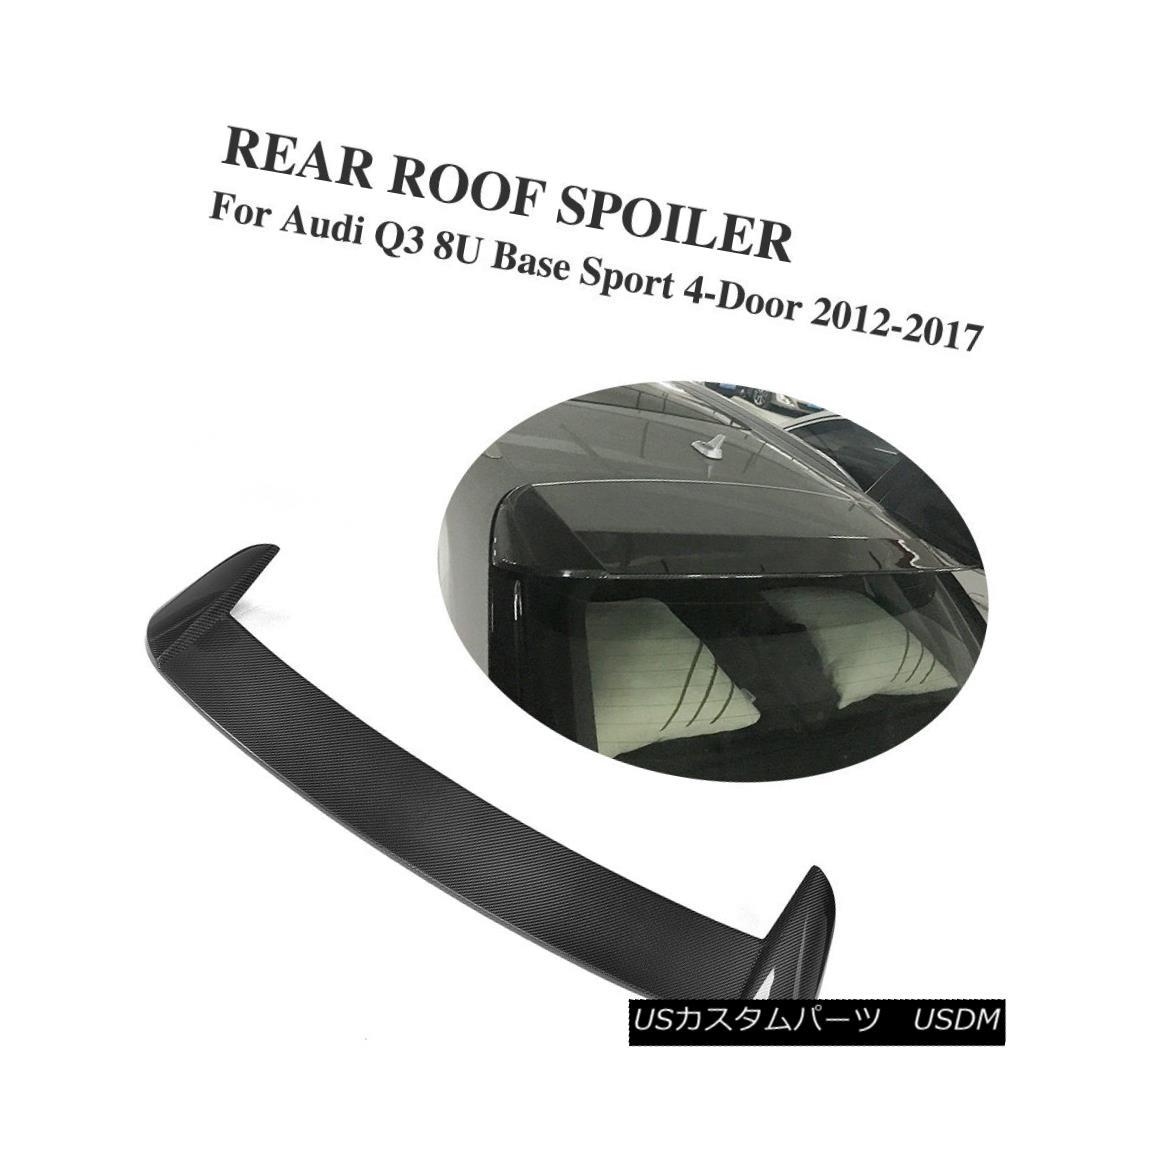 エアロパーツ Carbon Fiber Rear Bumper Roof Spoiler Fit for Audi Q3 Base Sport 4-Door 12-17 アウディQ3ベーススポーツ4ドア12-17のためのカーボンファイバーリアバンパールーフスポイラーフィット